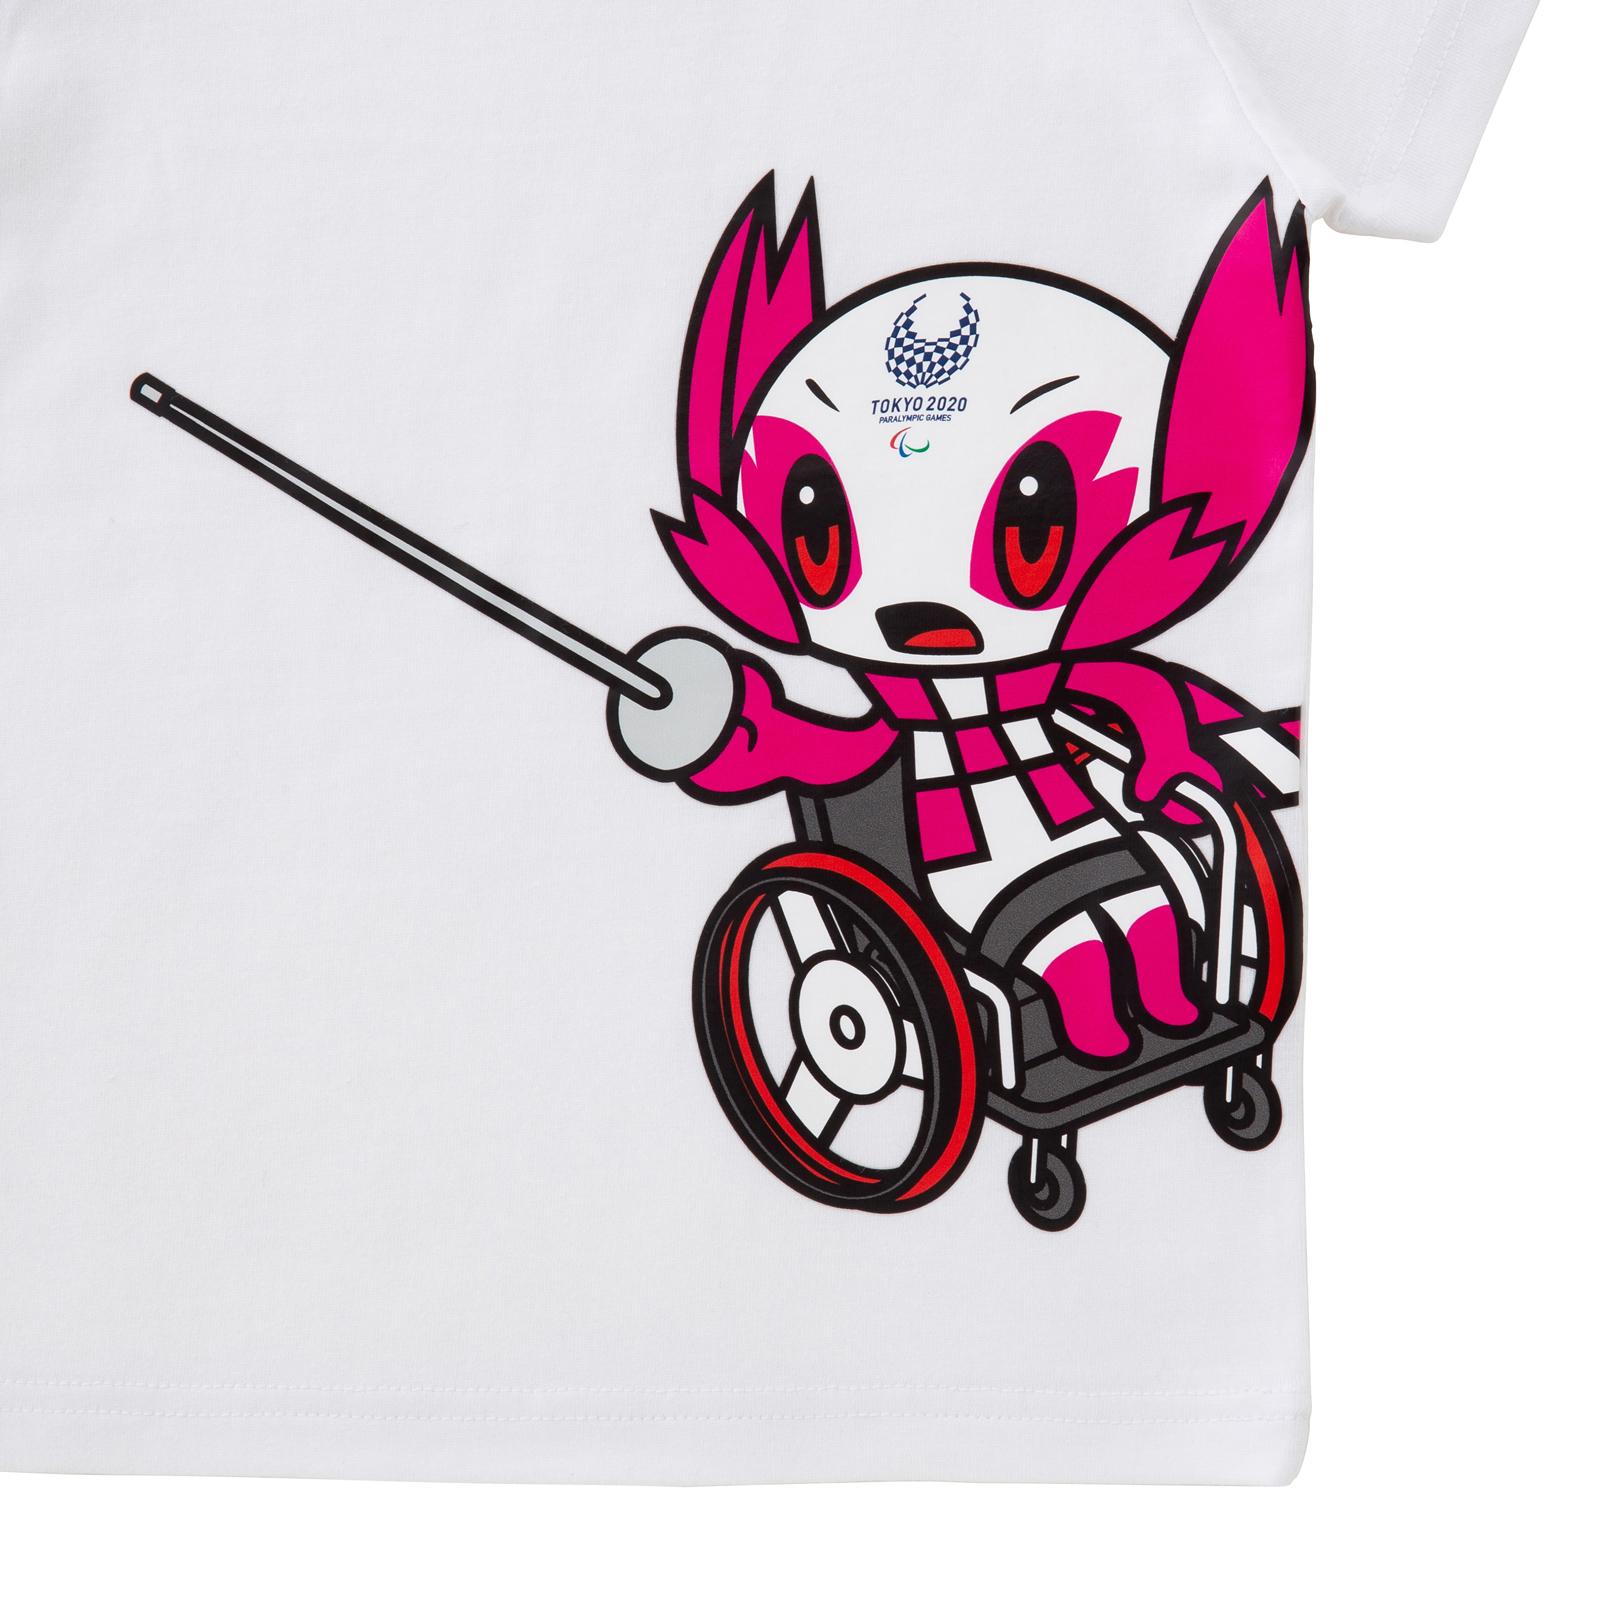 KIDSTシャツ車いすフェンシング(東京2020パラリンピックマスコット)